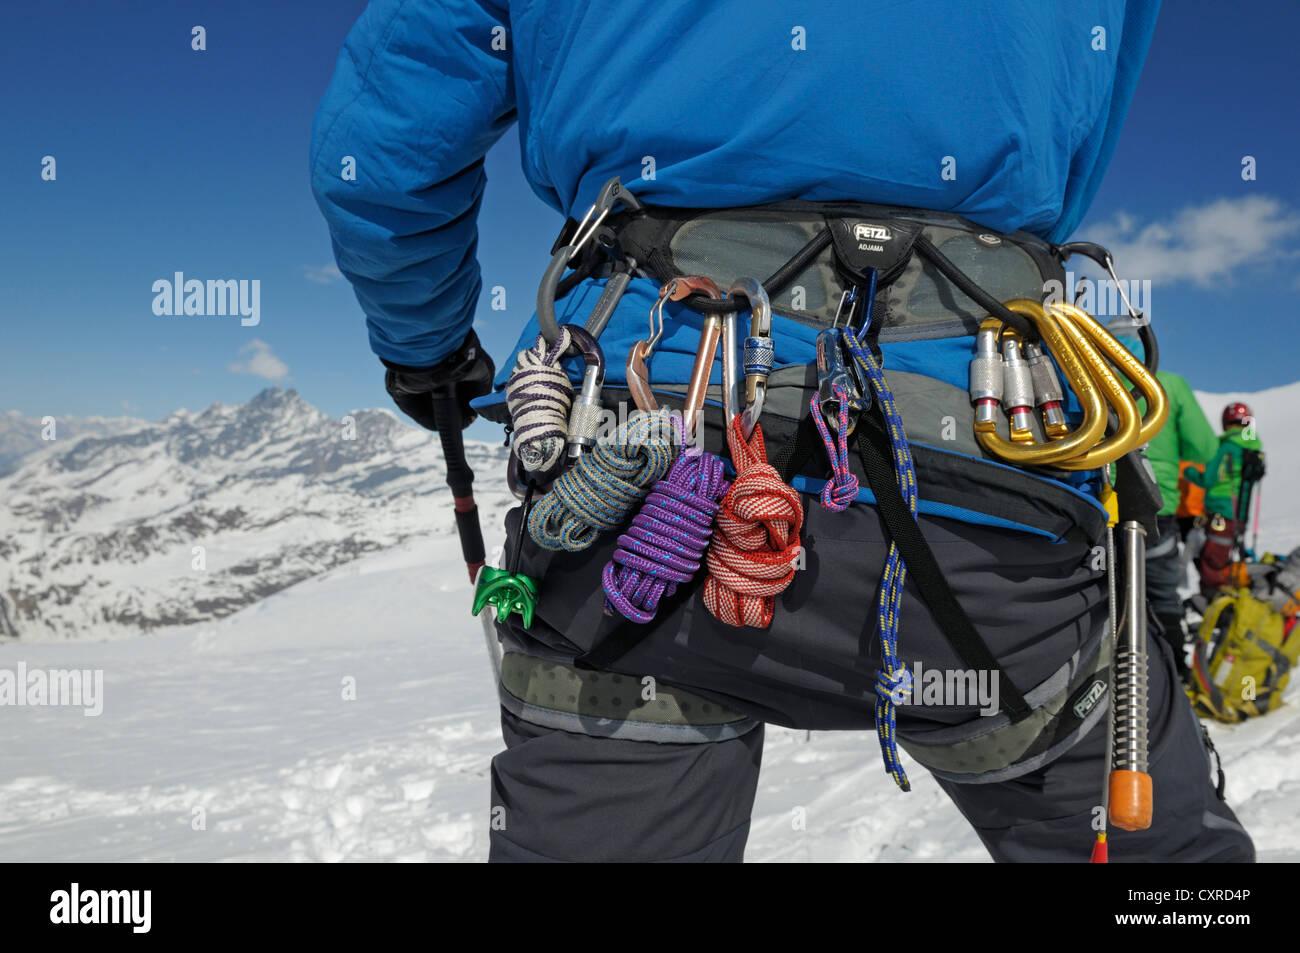 Kletterausrüstung Zermatt : Gletscher die kletterausrüstung an einem gürtel zermatt wallis